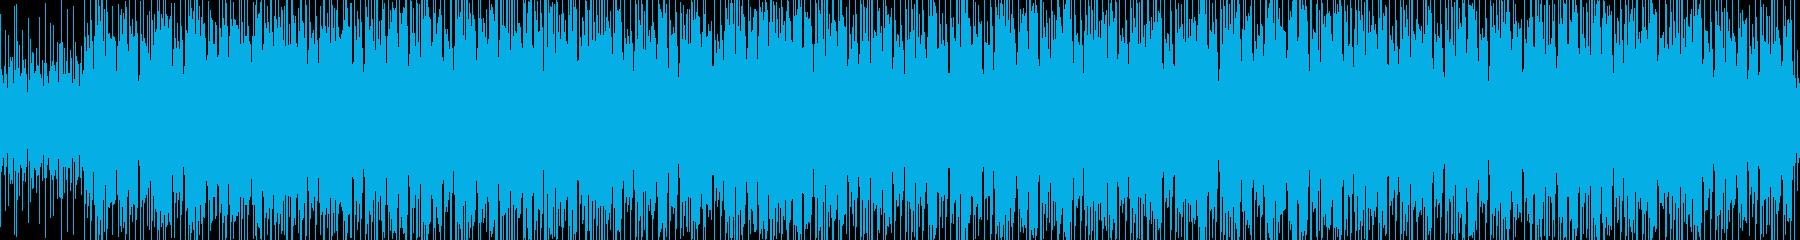 アジア風、サイケデリックチルアウトの再生済みの波形